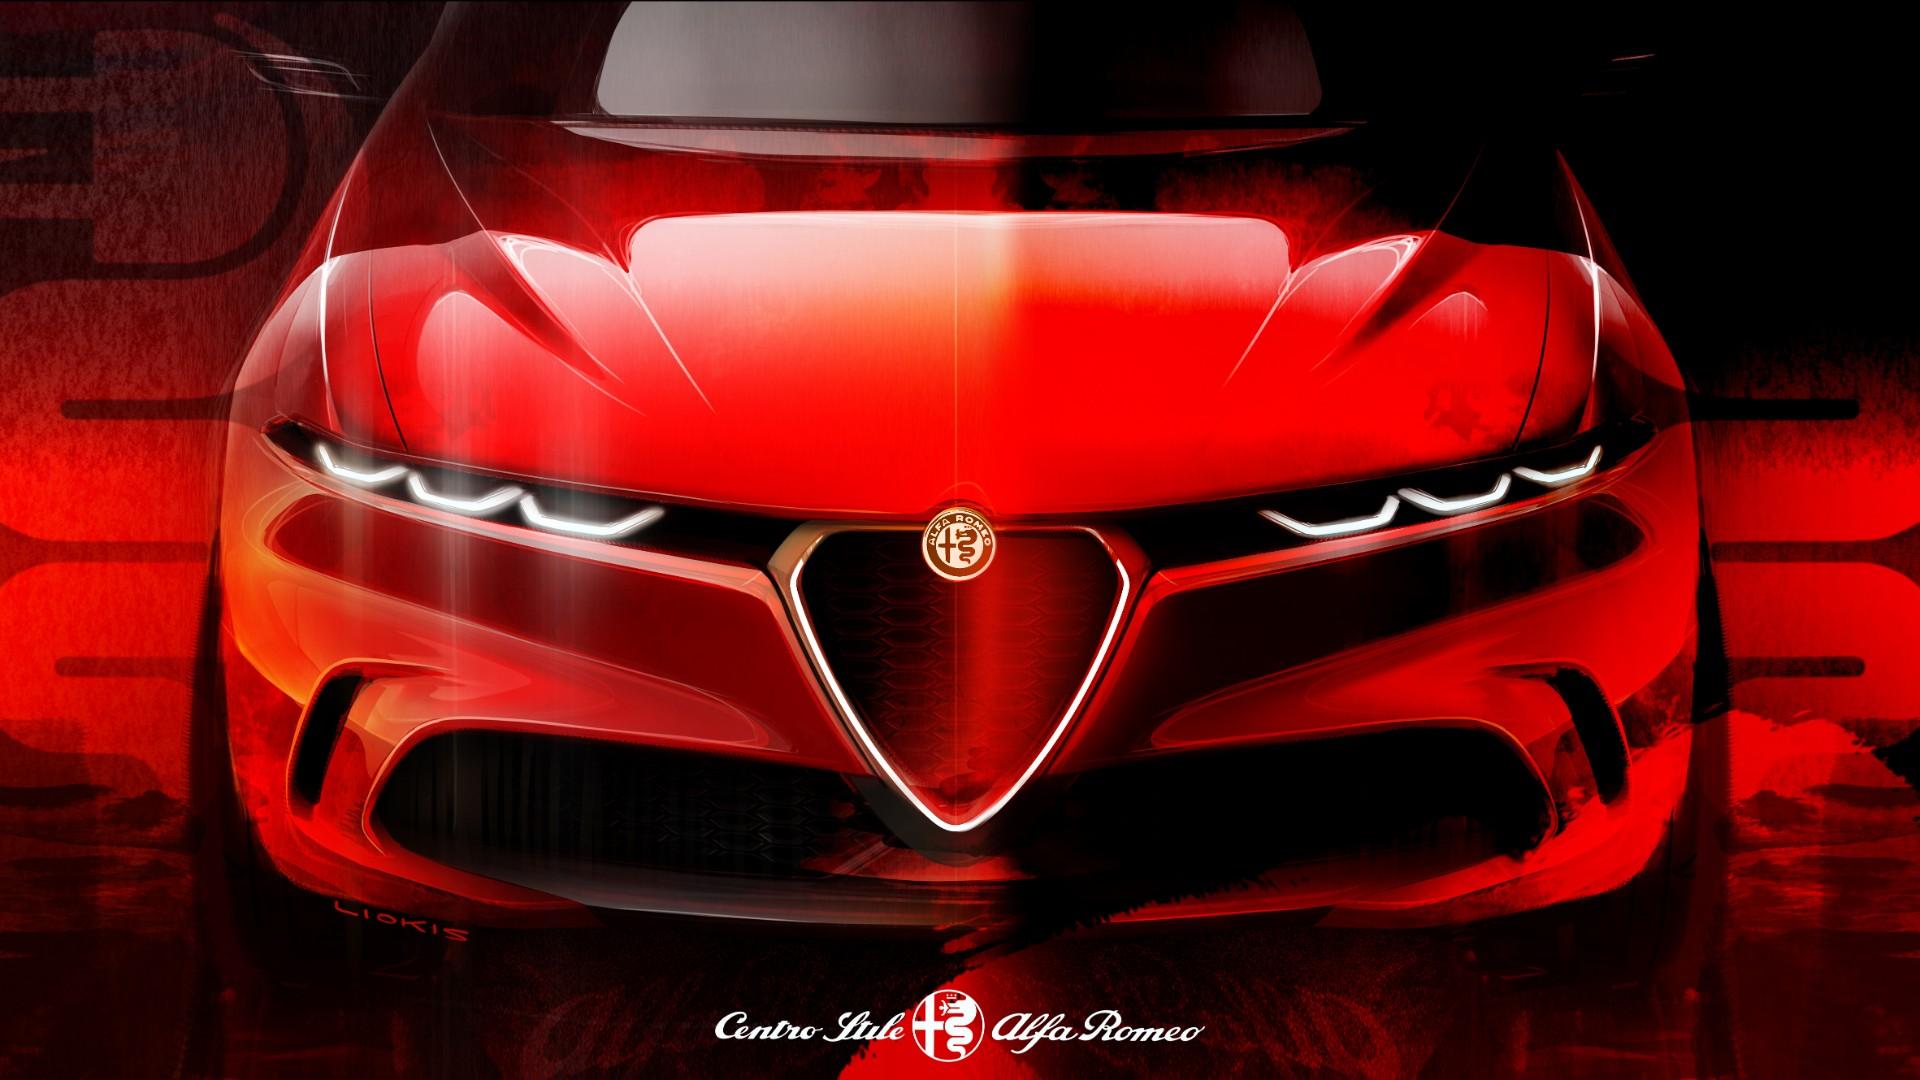 Αγοράστε σχέδια των Alfa Romeo, FIAT και Lancia για καλό σκοπό [pics]